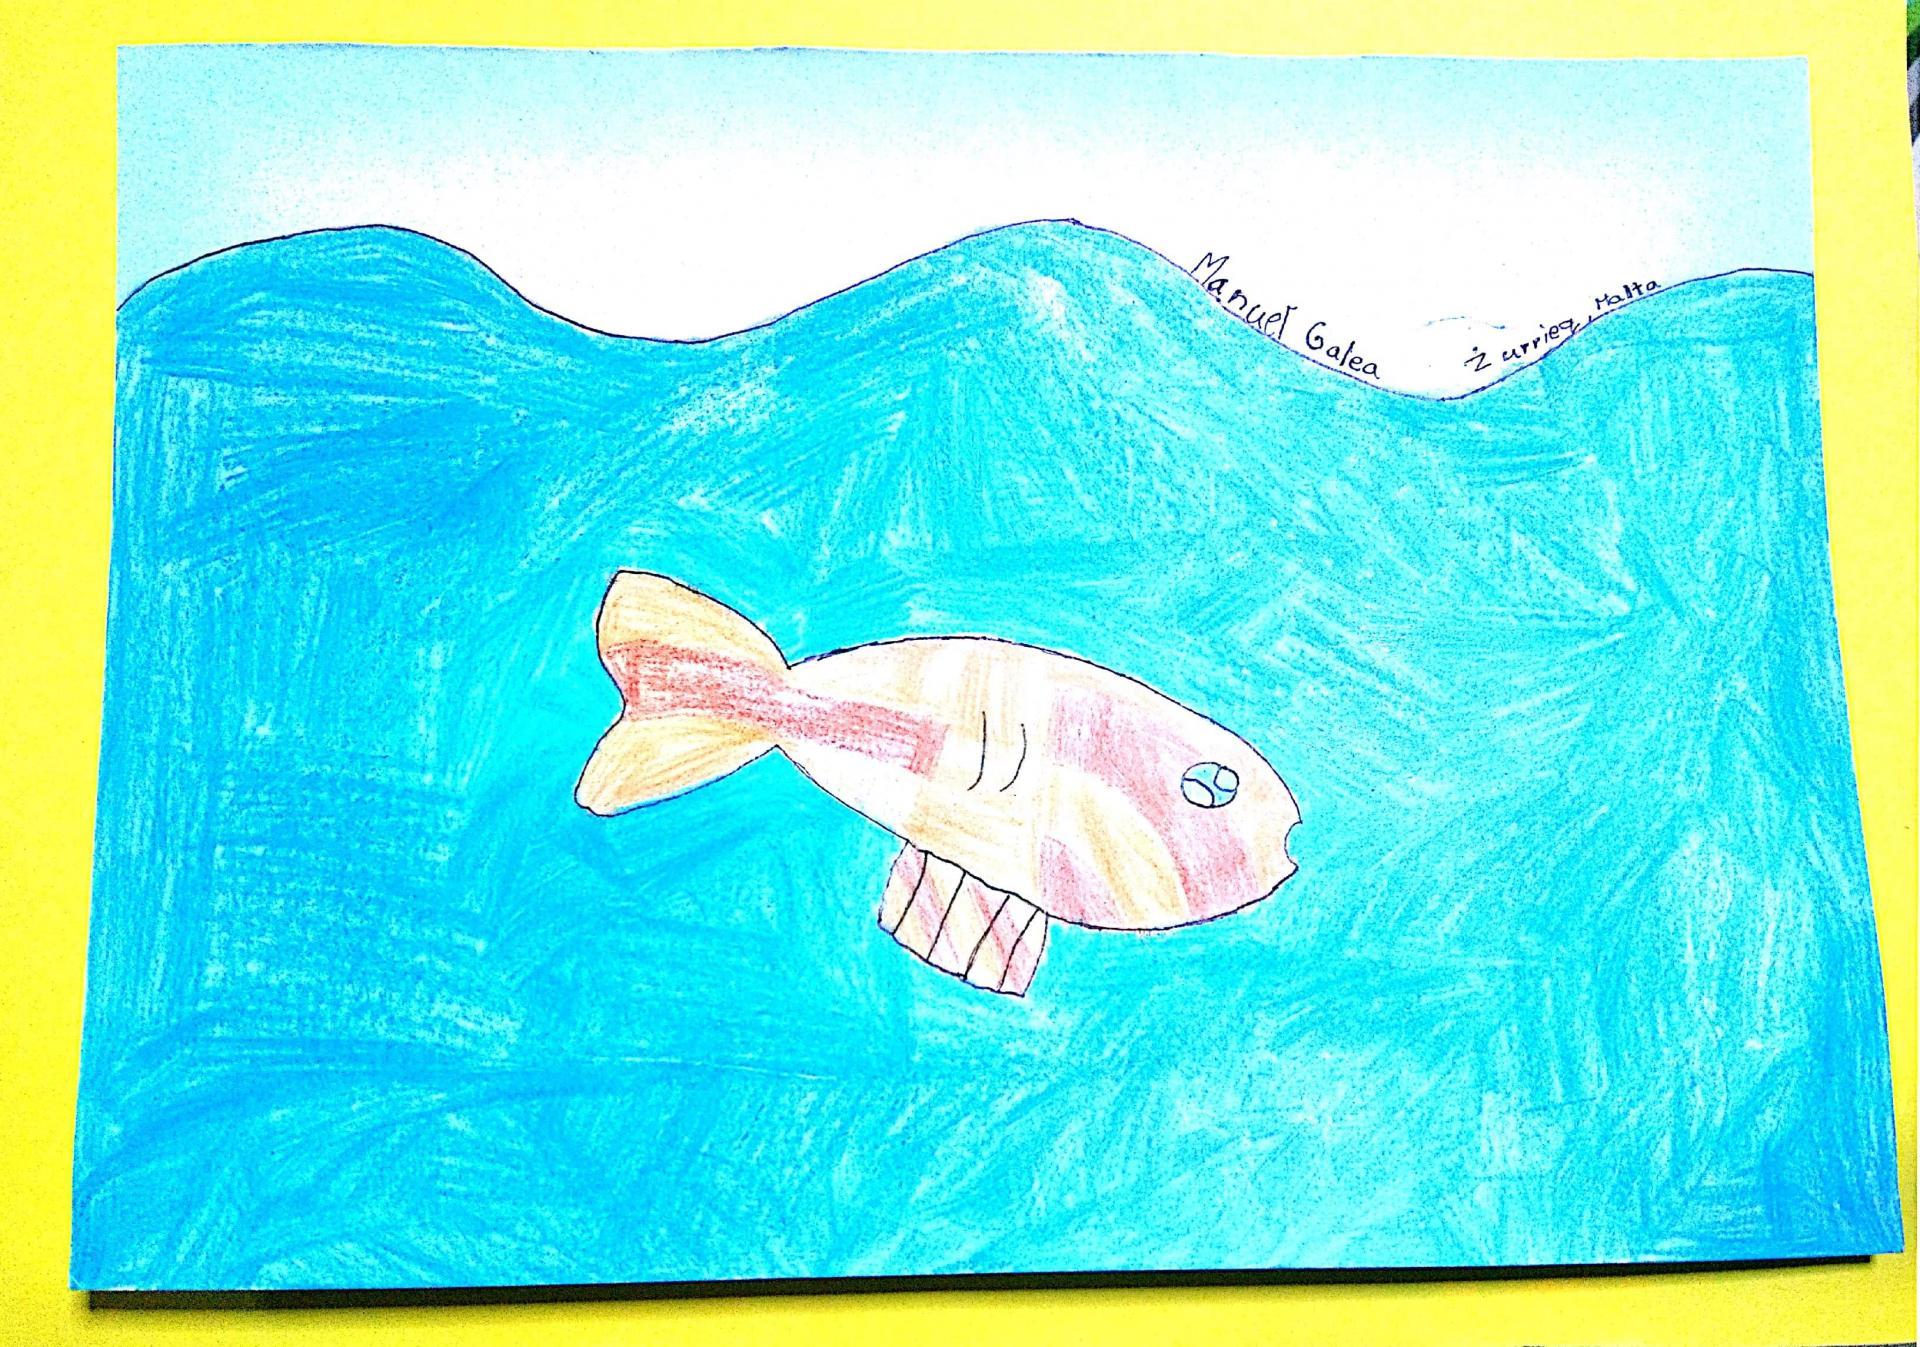 Manuel Galea, 11, has his mind on the sea.